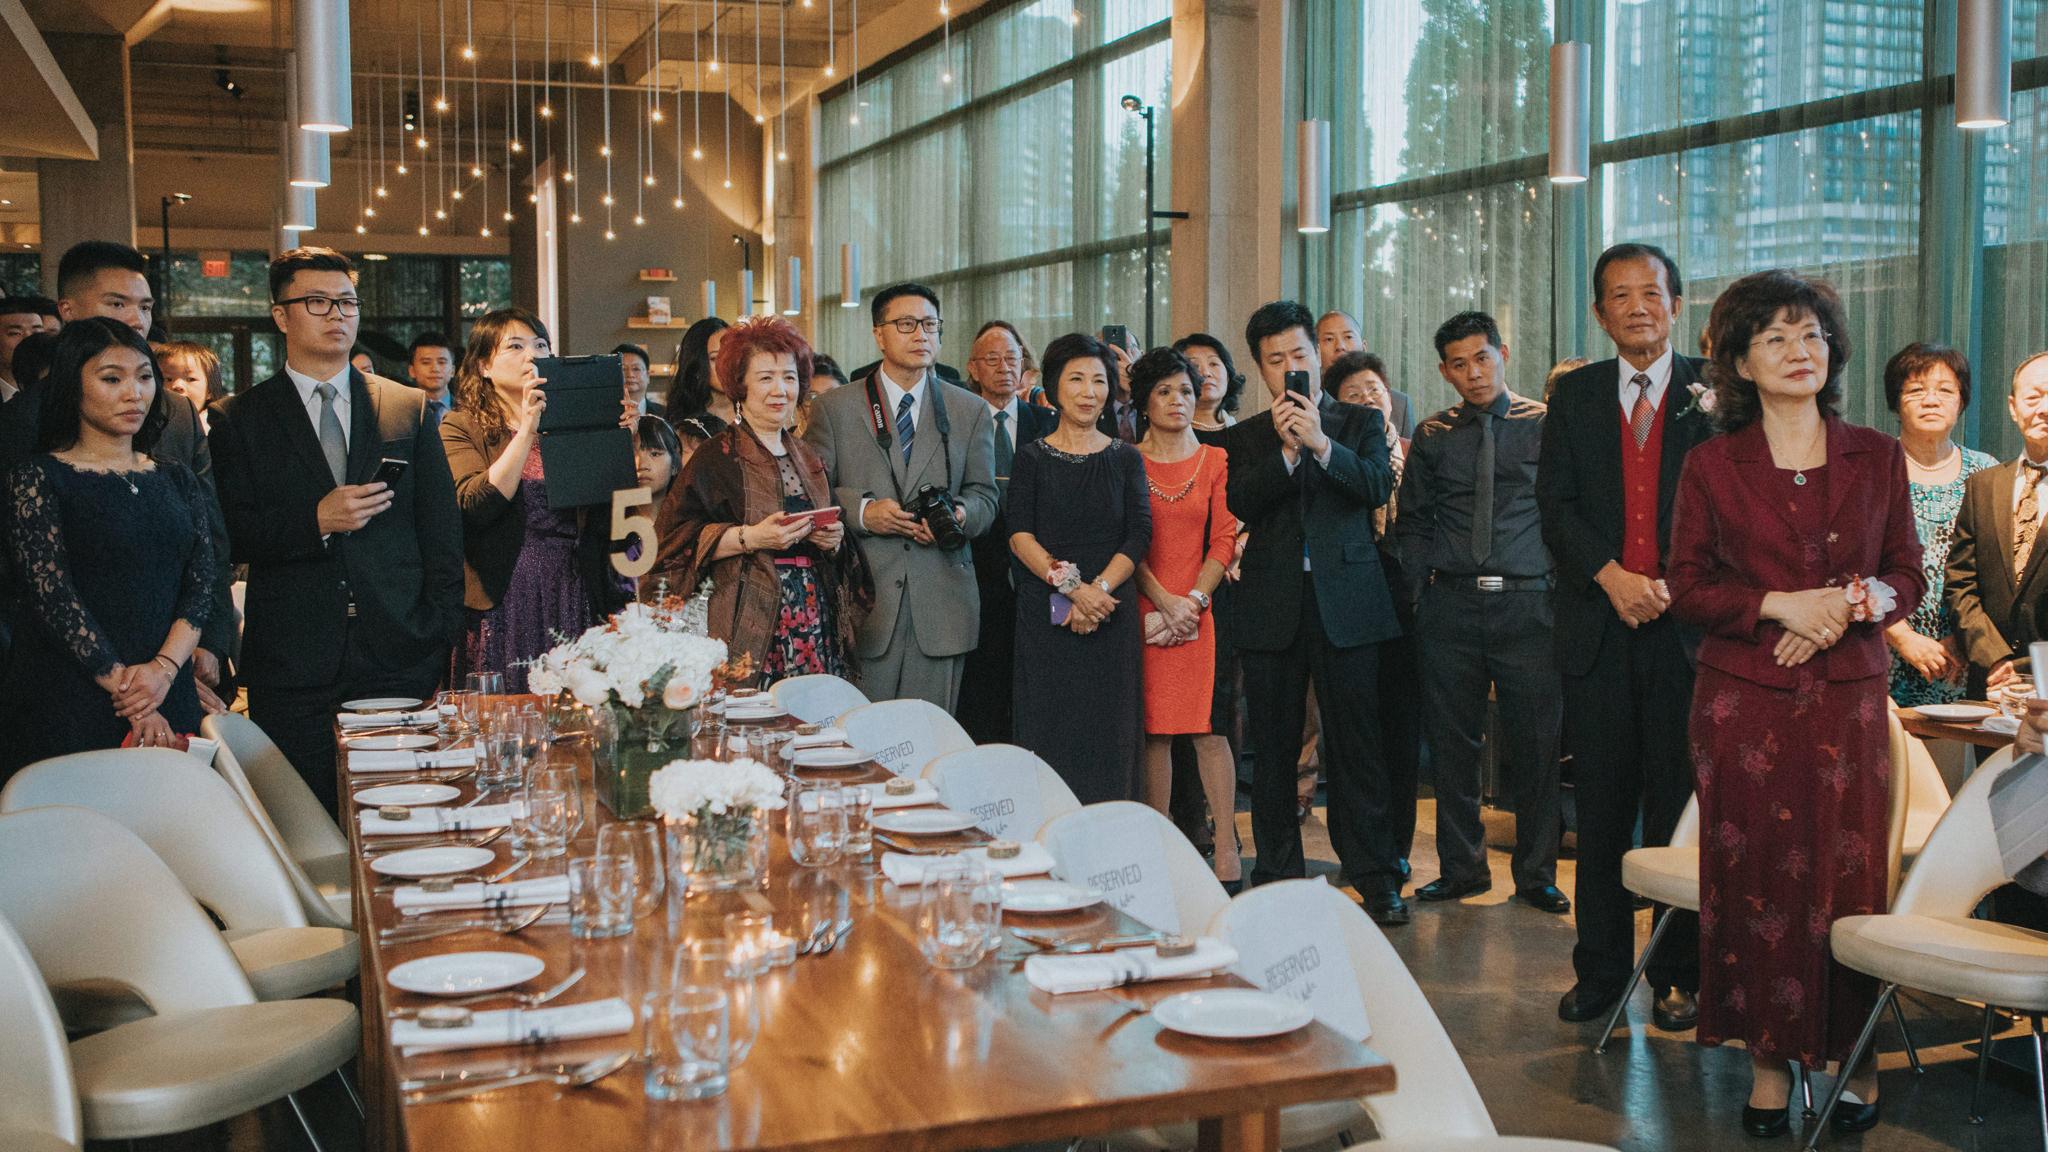 mildreds temple kitchen wedding 480 - Mildred's Temple Kitchen Wedding